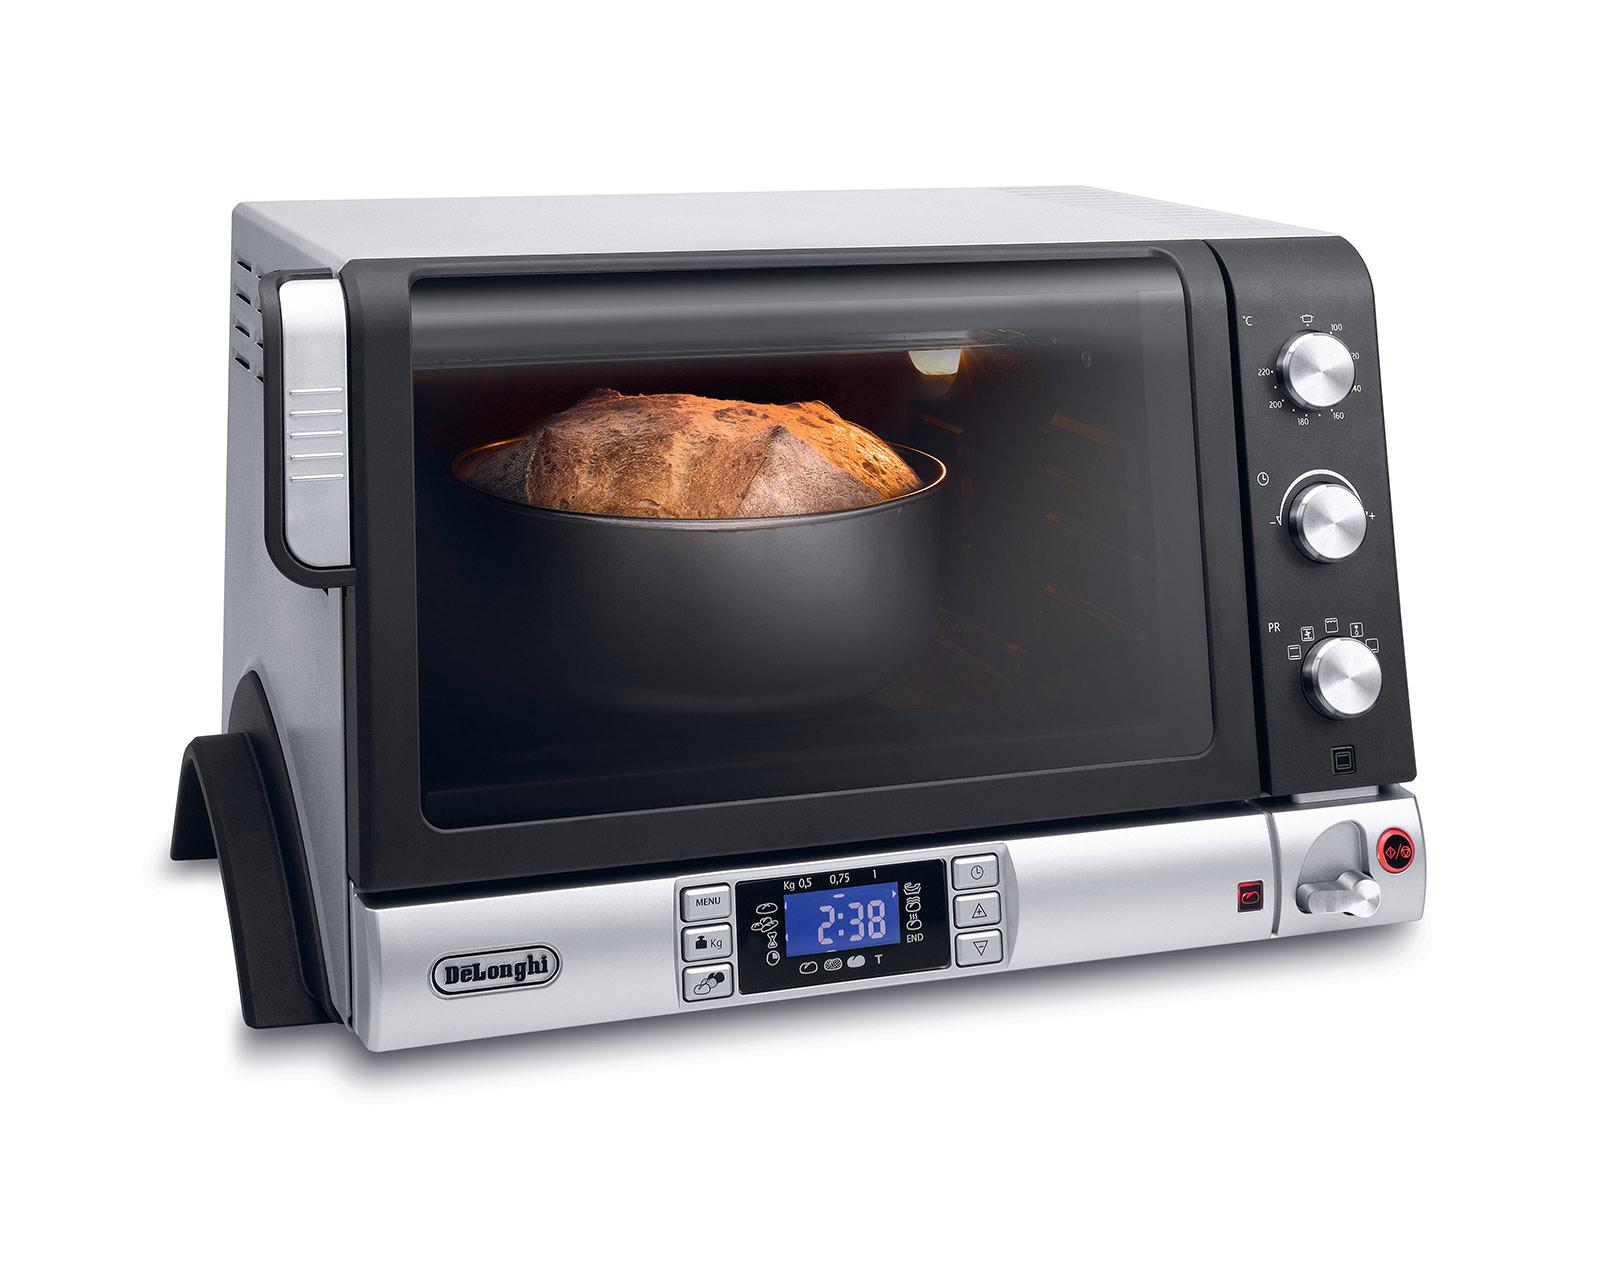 Miglior macchina per il pane economica la guida con i for Miglior forno